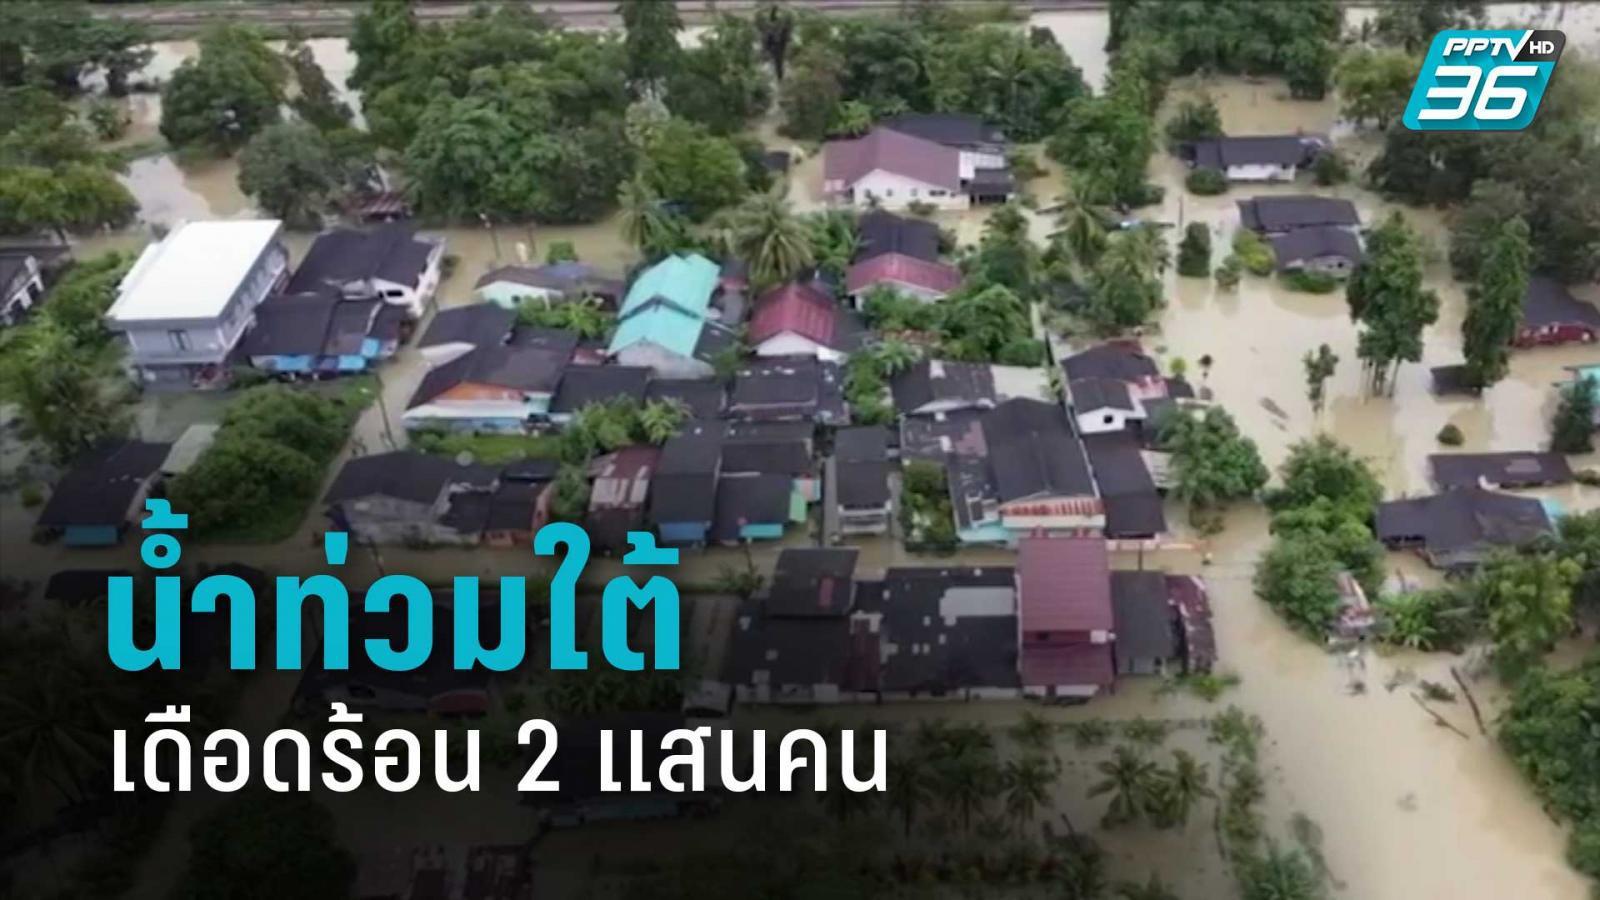 ใต้อ่วม! น้ำท่วม 9 จังหวัด จมบาดาล 2 พันหมู่บ้าน เดือดร้อนกว่า 2 แสนคน